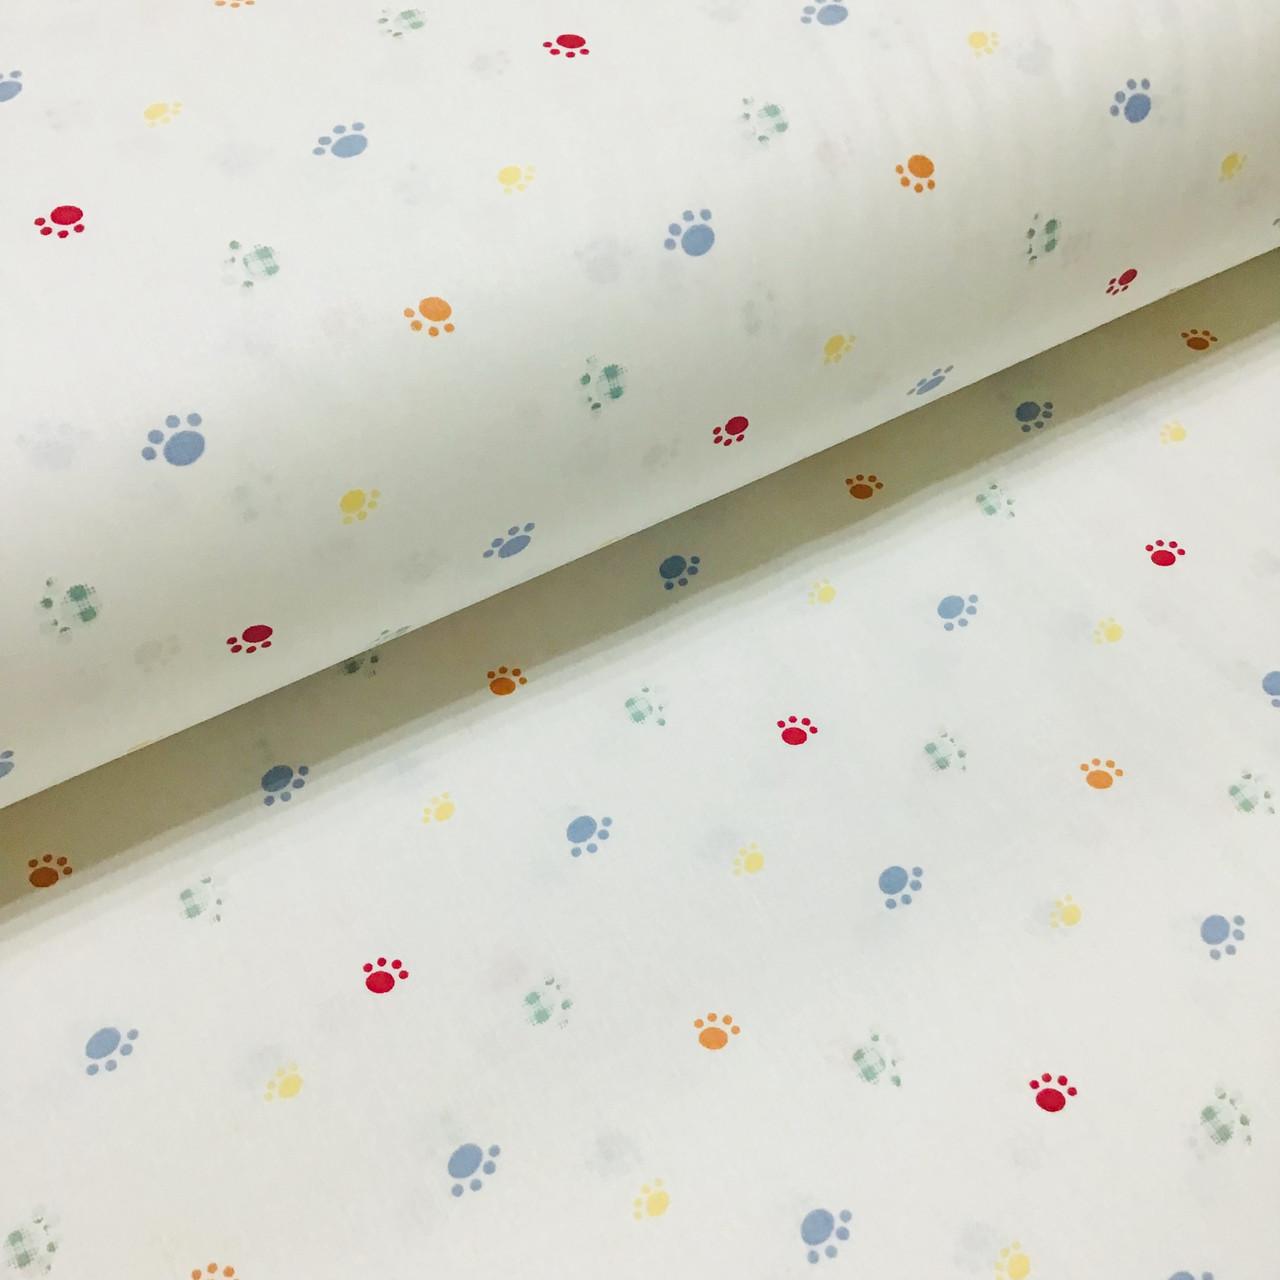 Ткань поплин лапки желто-голубые на белом (ТУРЦИЯ шир. 2,4 м) №34-79